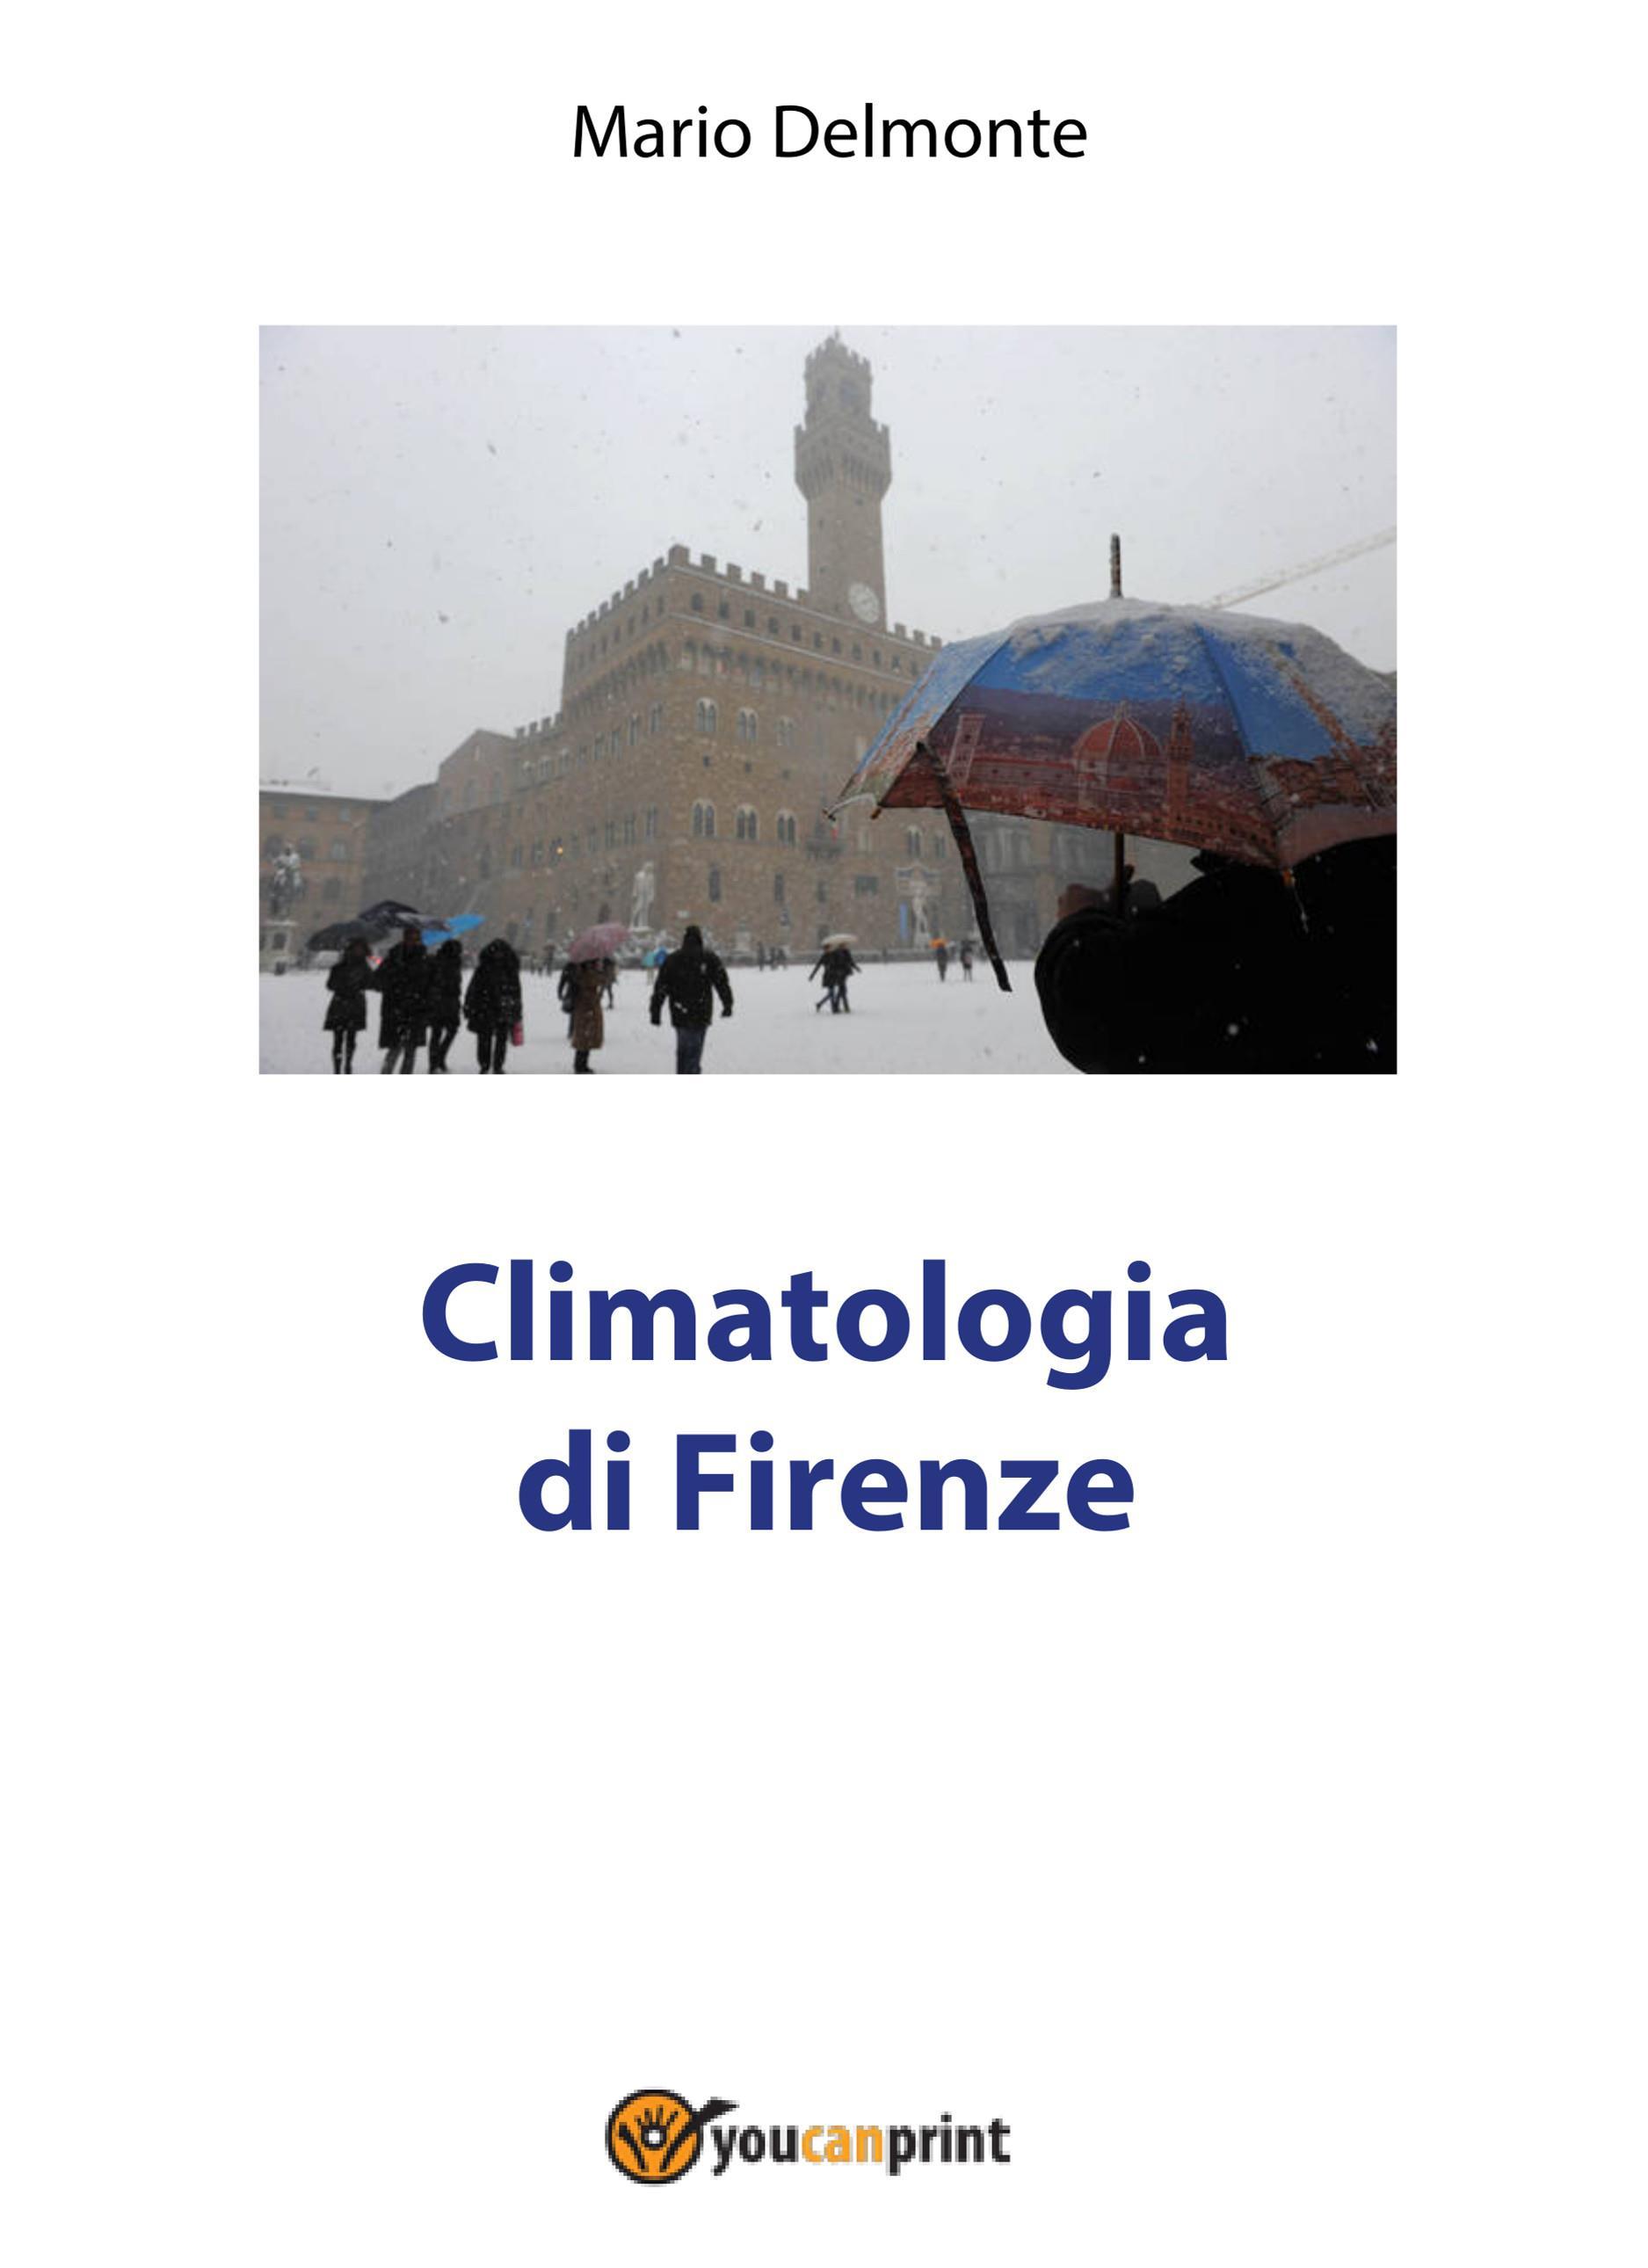 Climatologia di Firenze